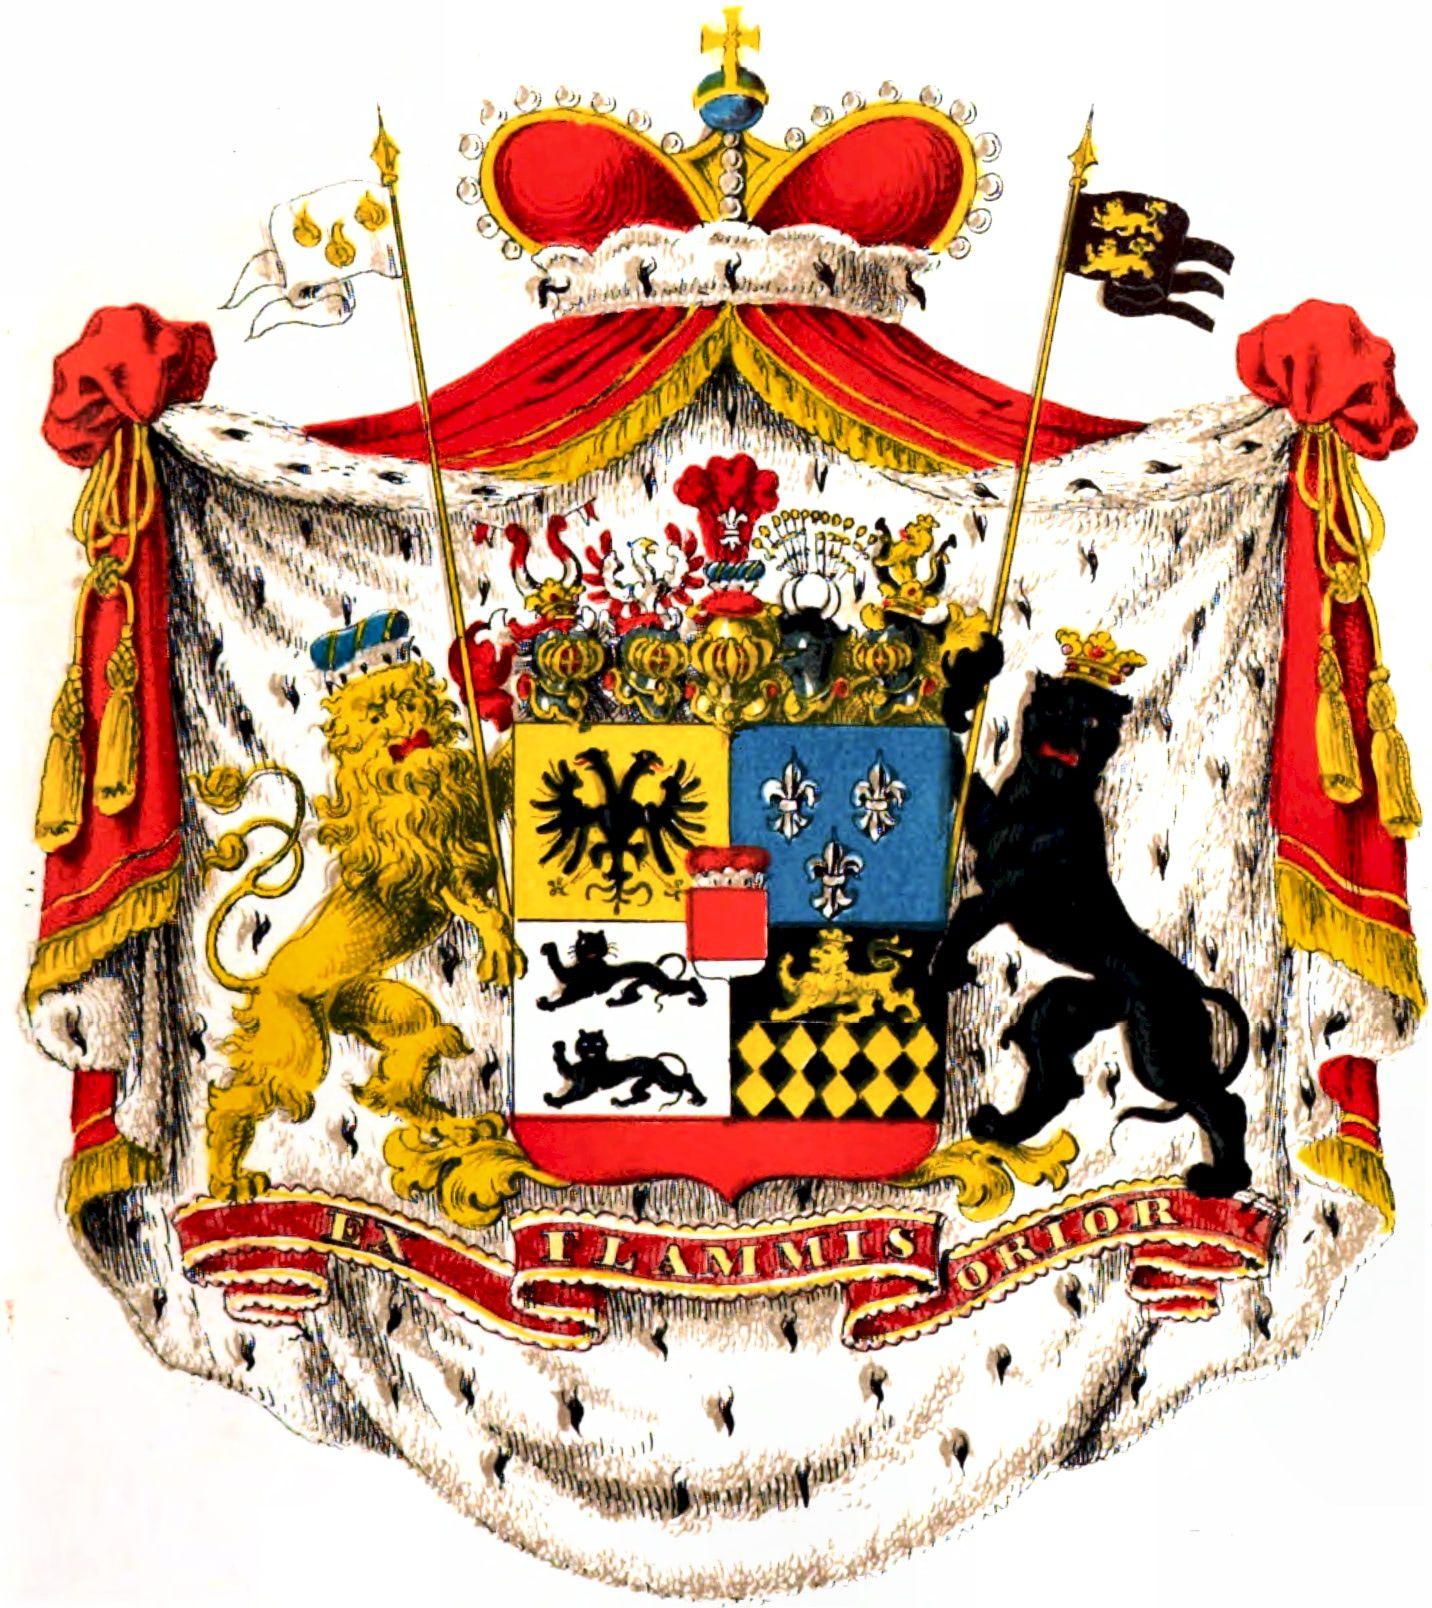 Erb rodu Hohenlohe se štítonoši, plastem a korunou